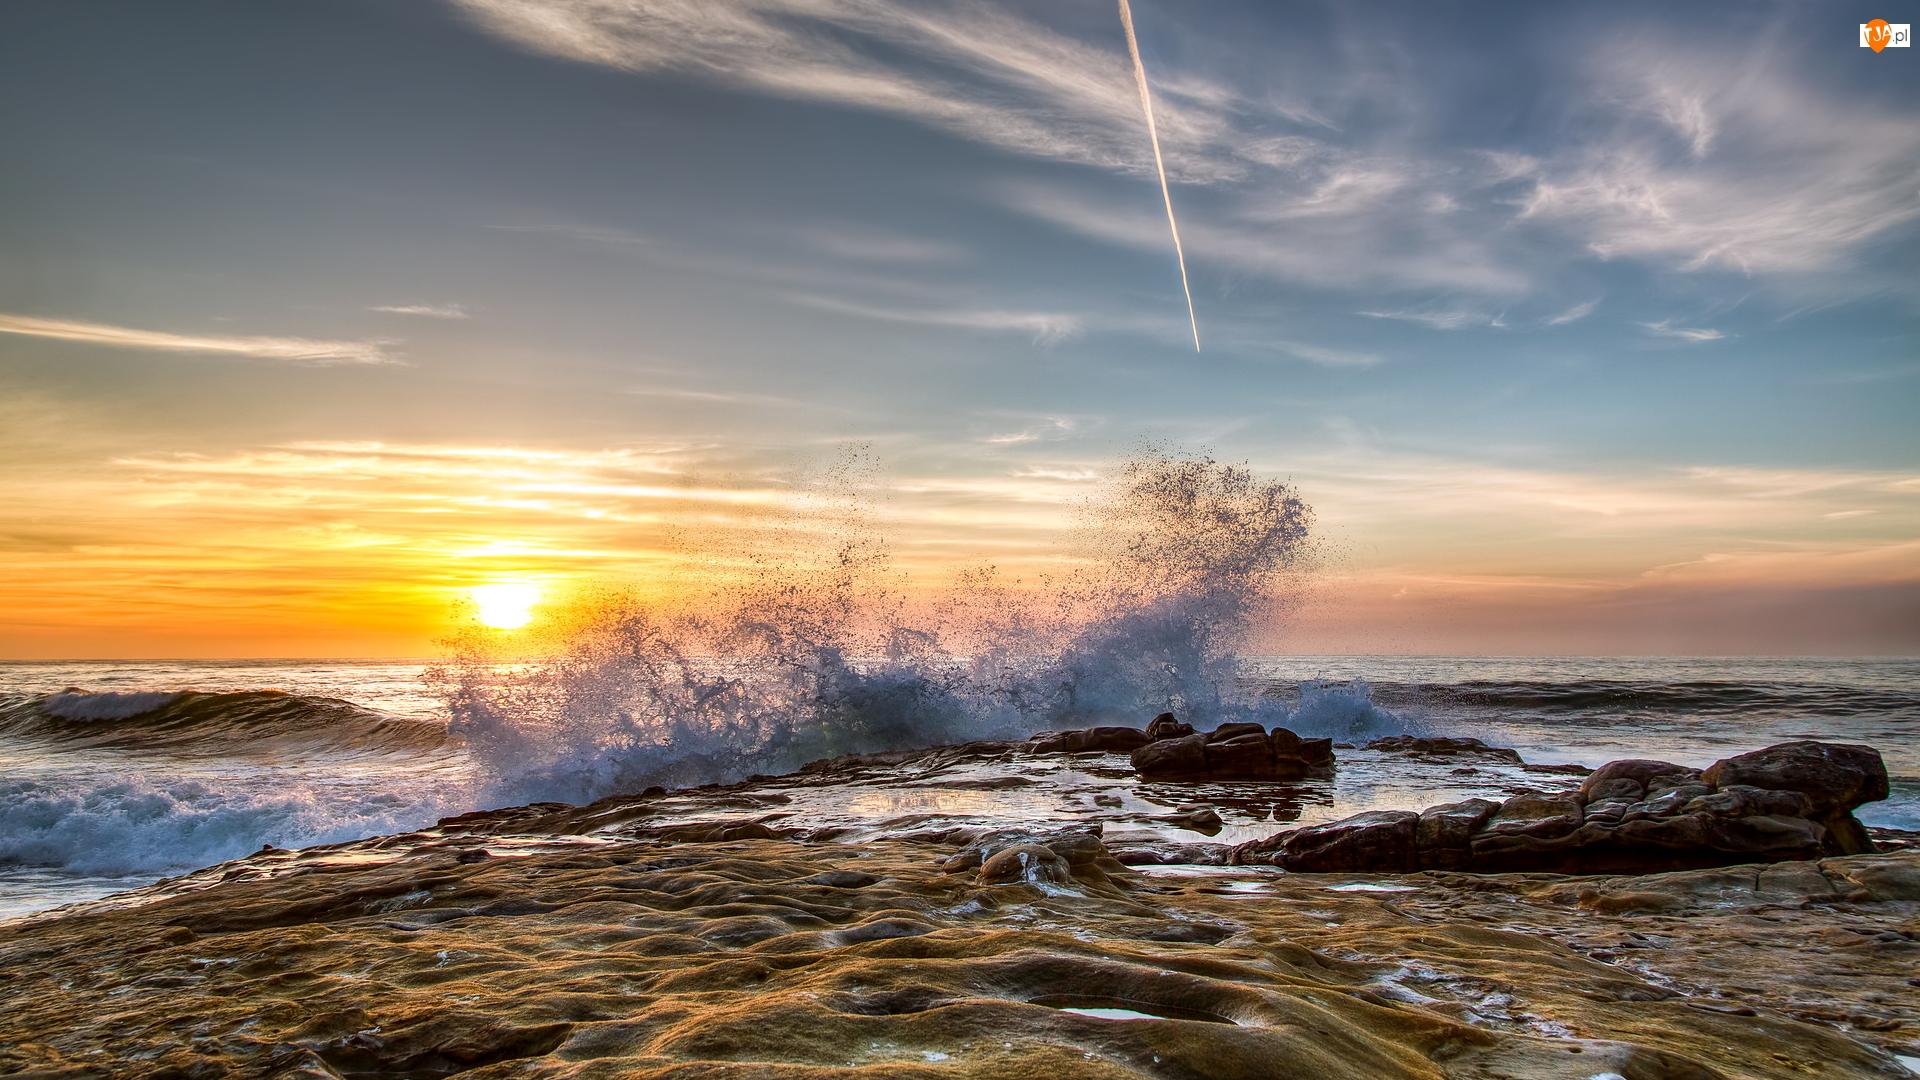 Skały, Morze, San Diego, Stany Zjednoczone, Fala, Kalifornia